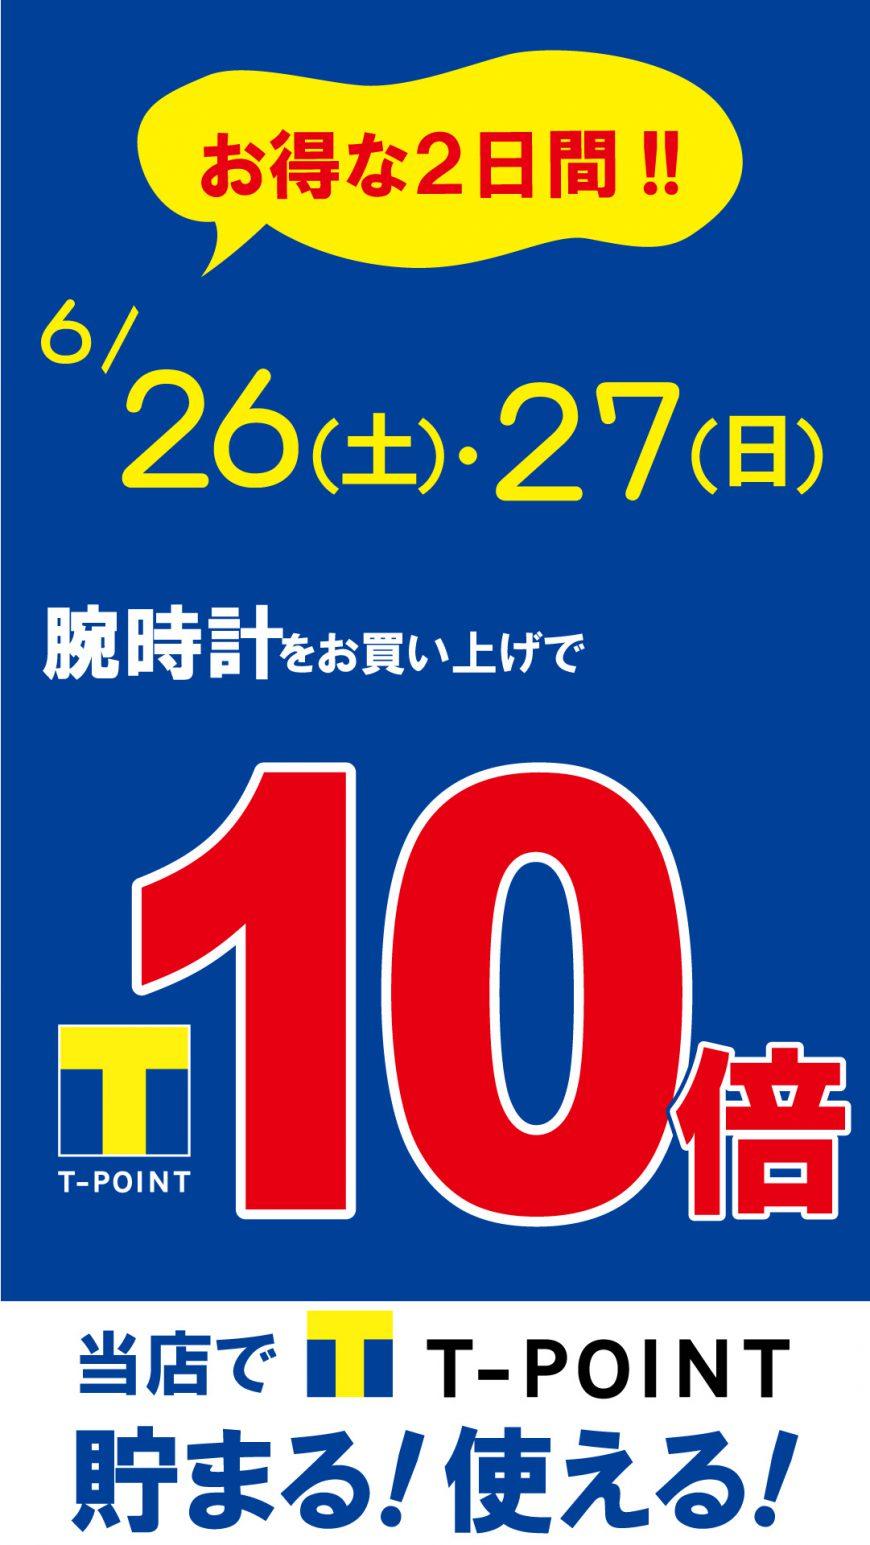 T-POINT10倍!!